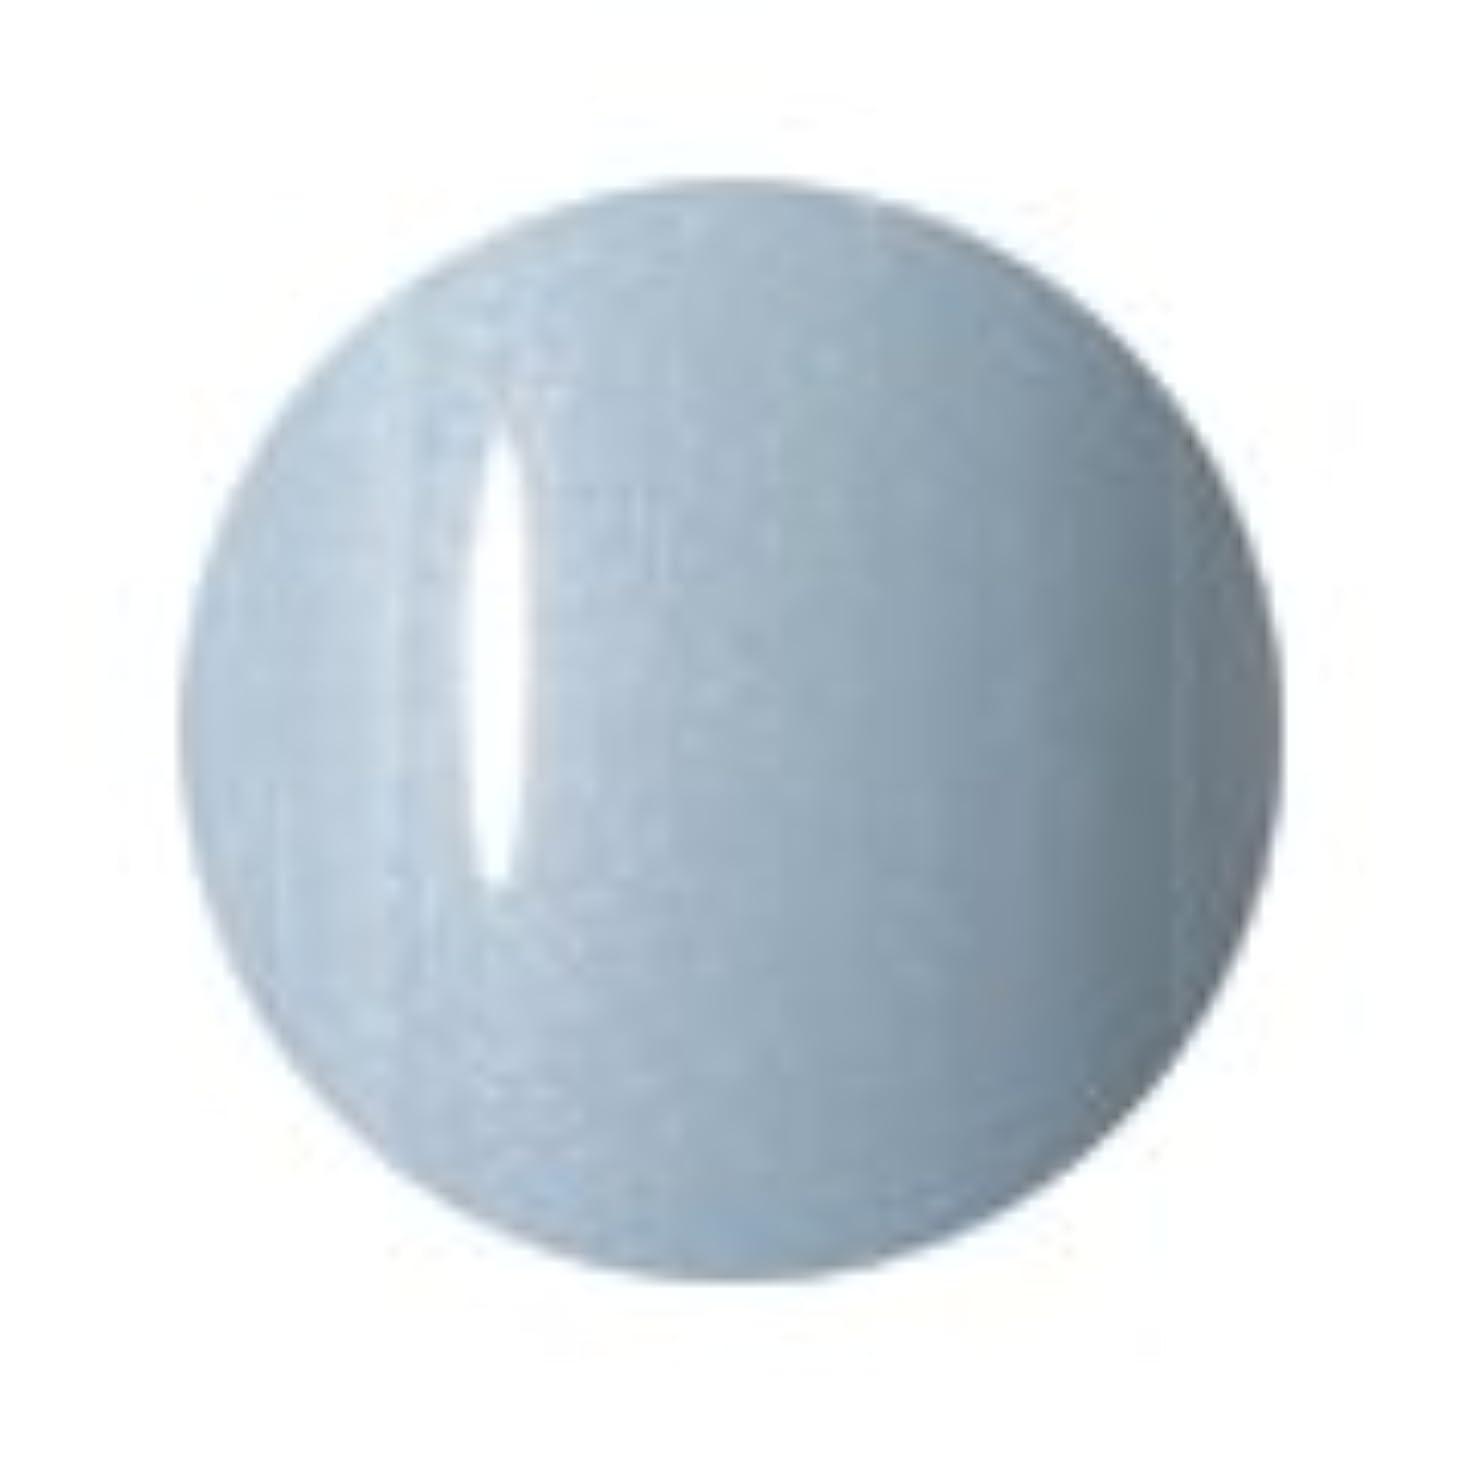 見ましたしなやかな活性化するJewelry jel(ジュエリージェル) プリティー カラージェル 2.5g<BR>PA205